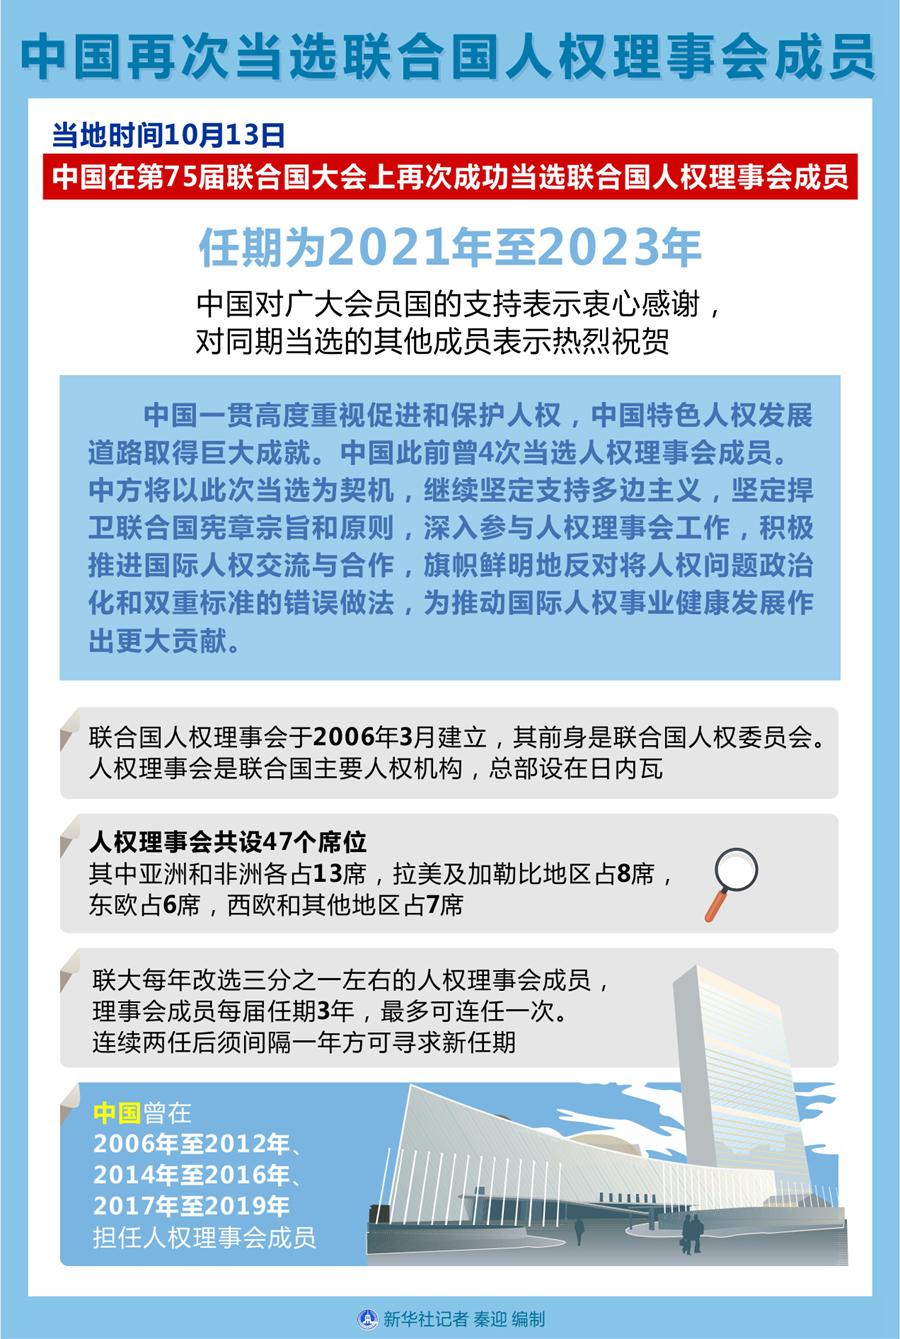 中国再次当选联合国人权理事会成员